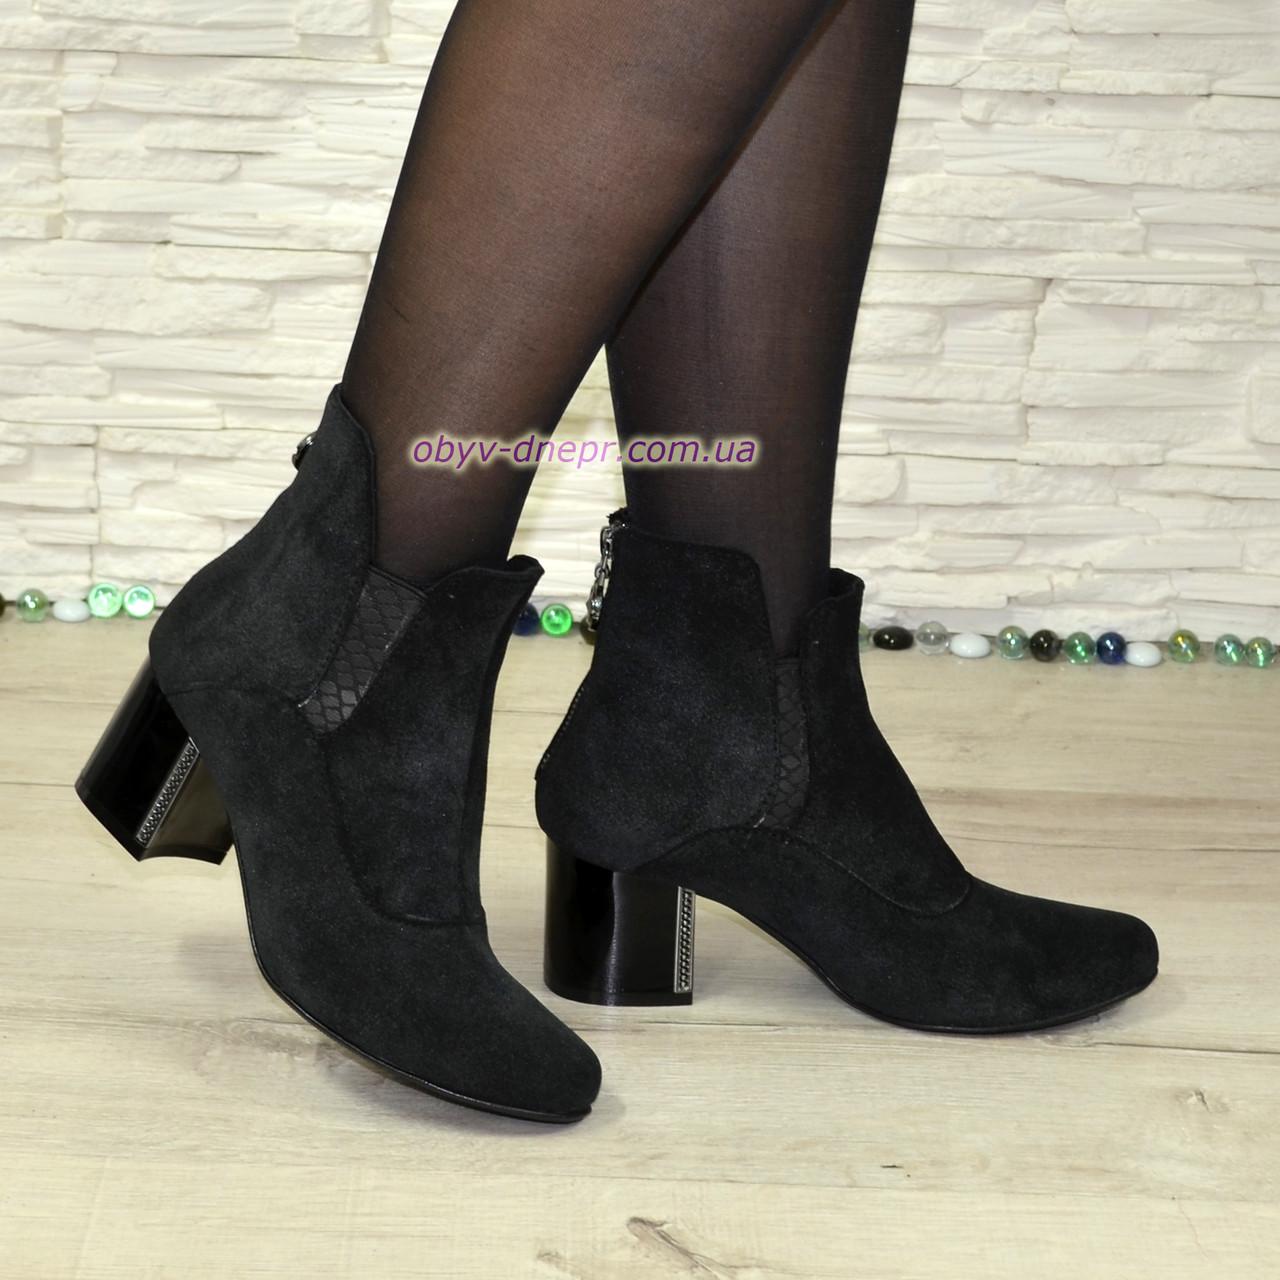 b2506123 Ботинки замшевые зимние на невысоком каблуке, сзади на молнии ...